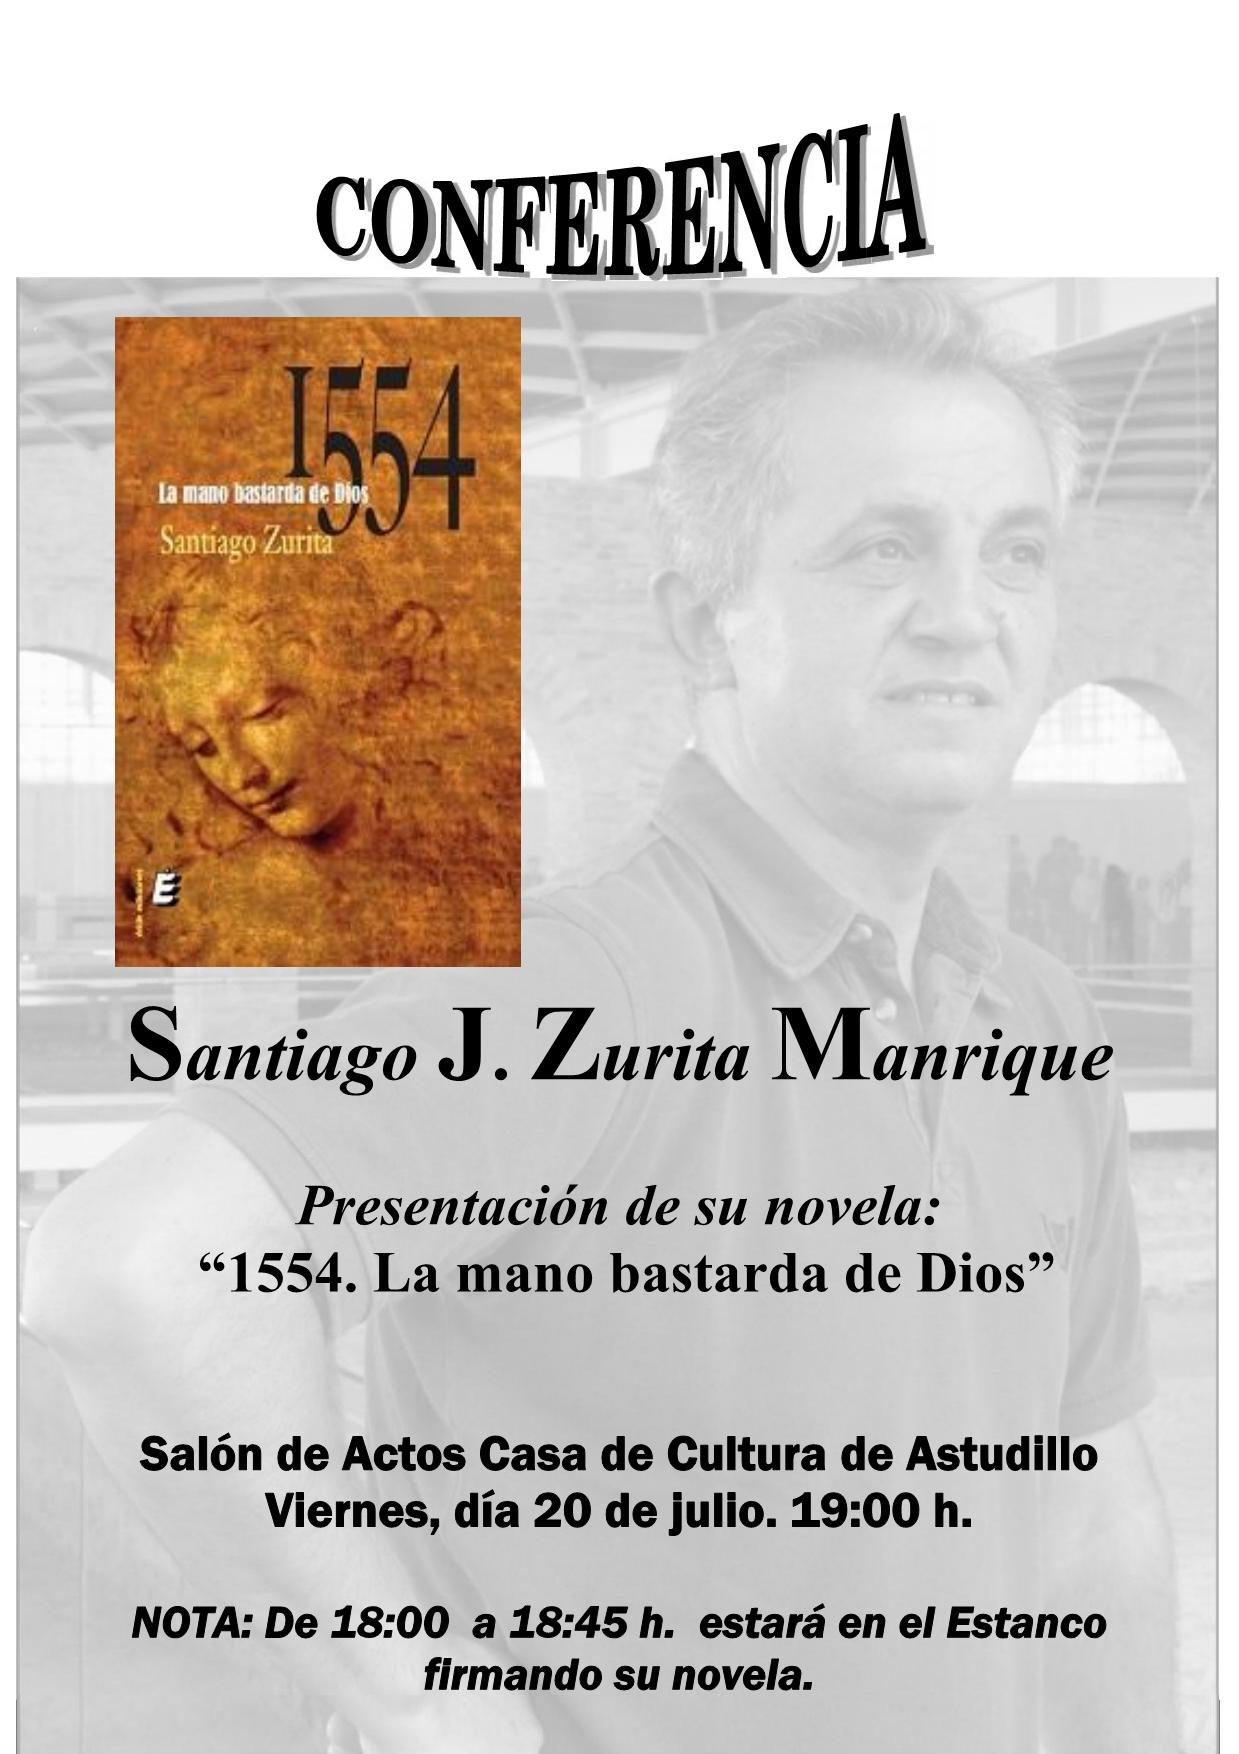 Conferencia de Santiago J. Zurita Manrique